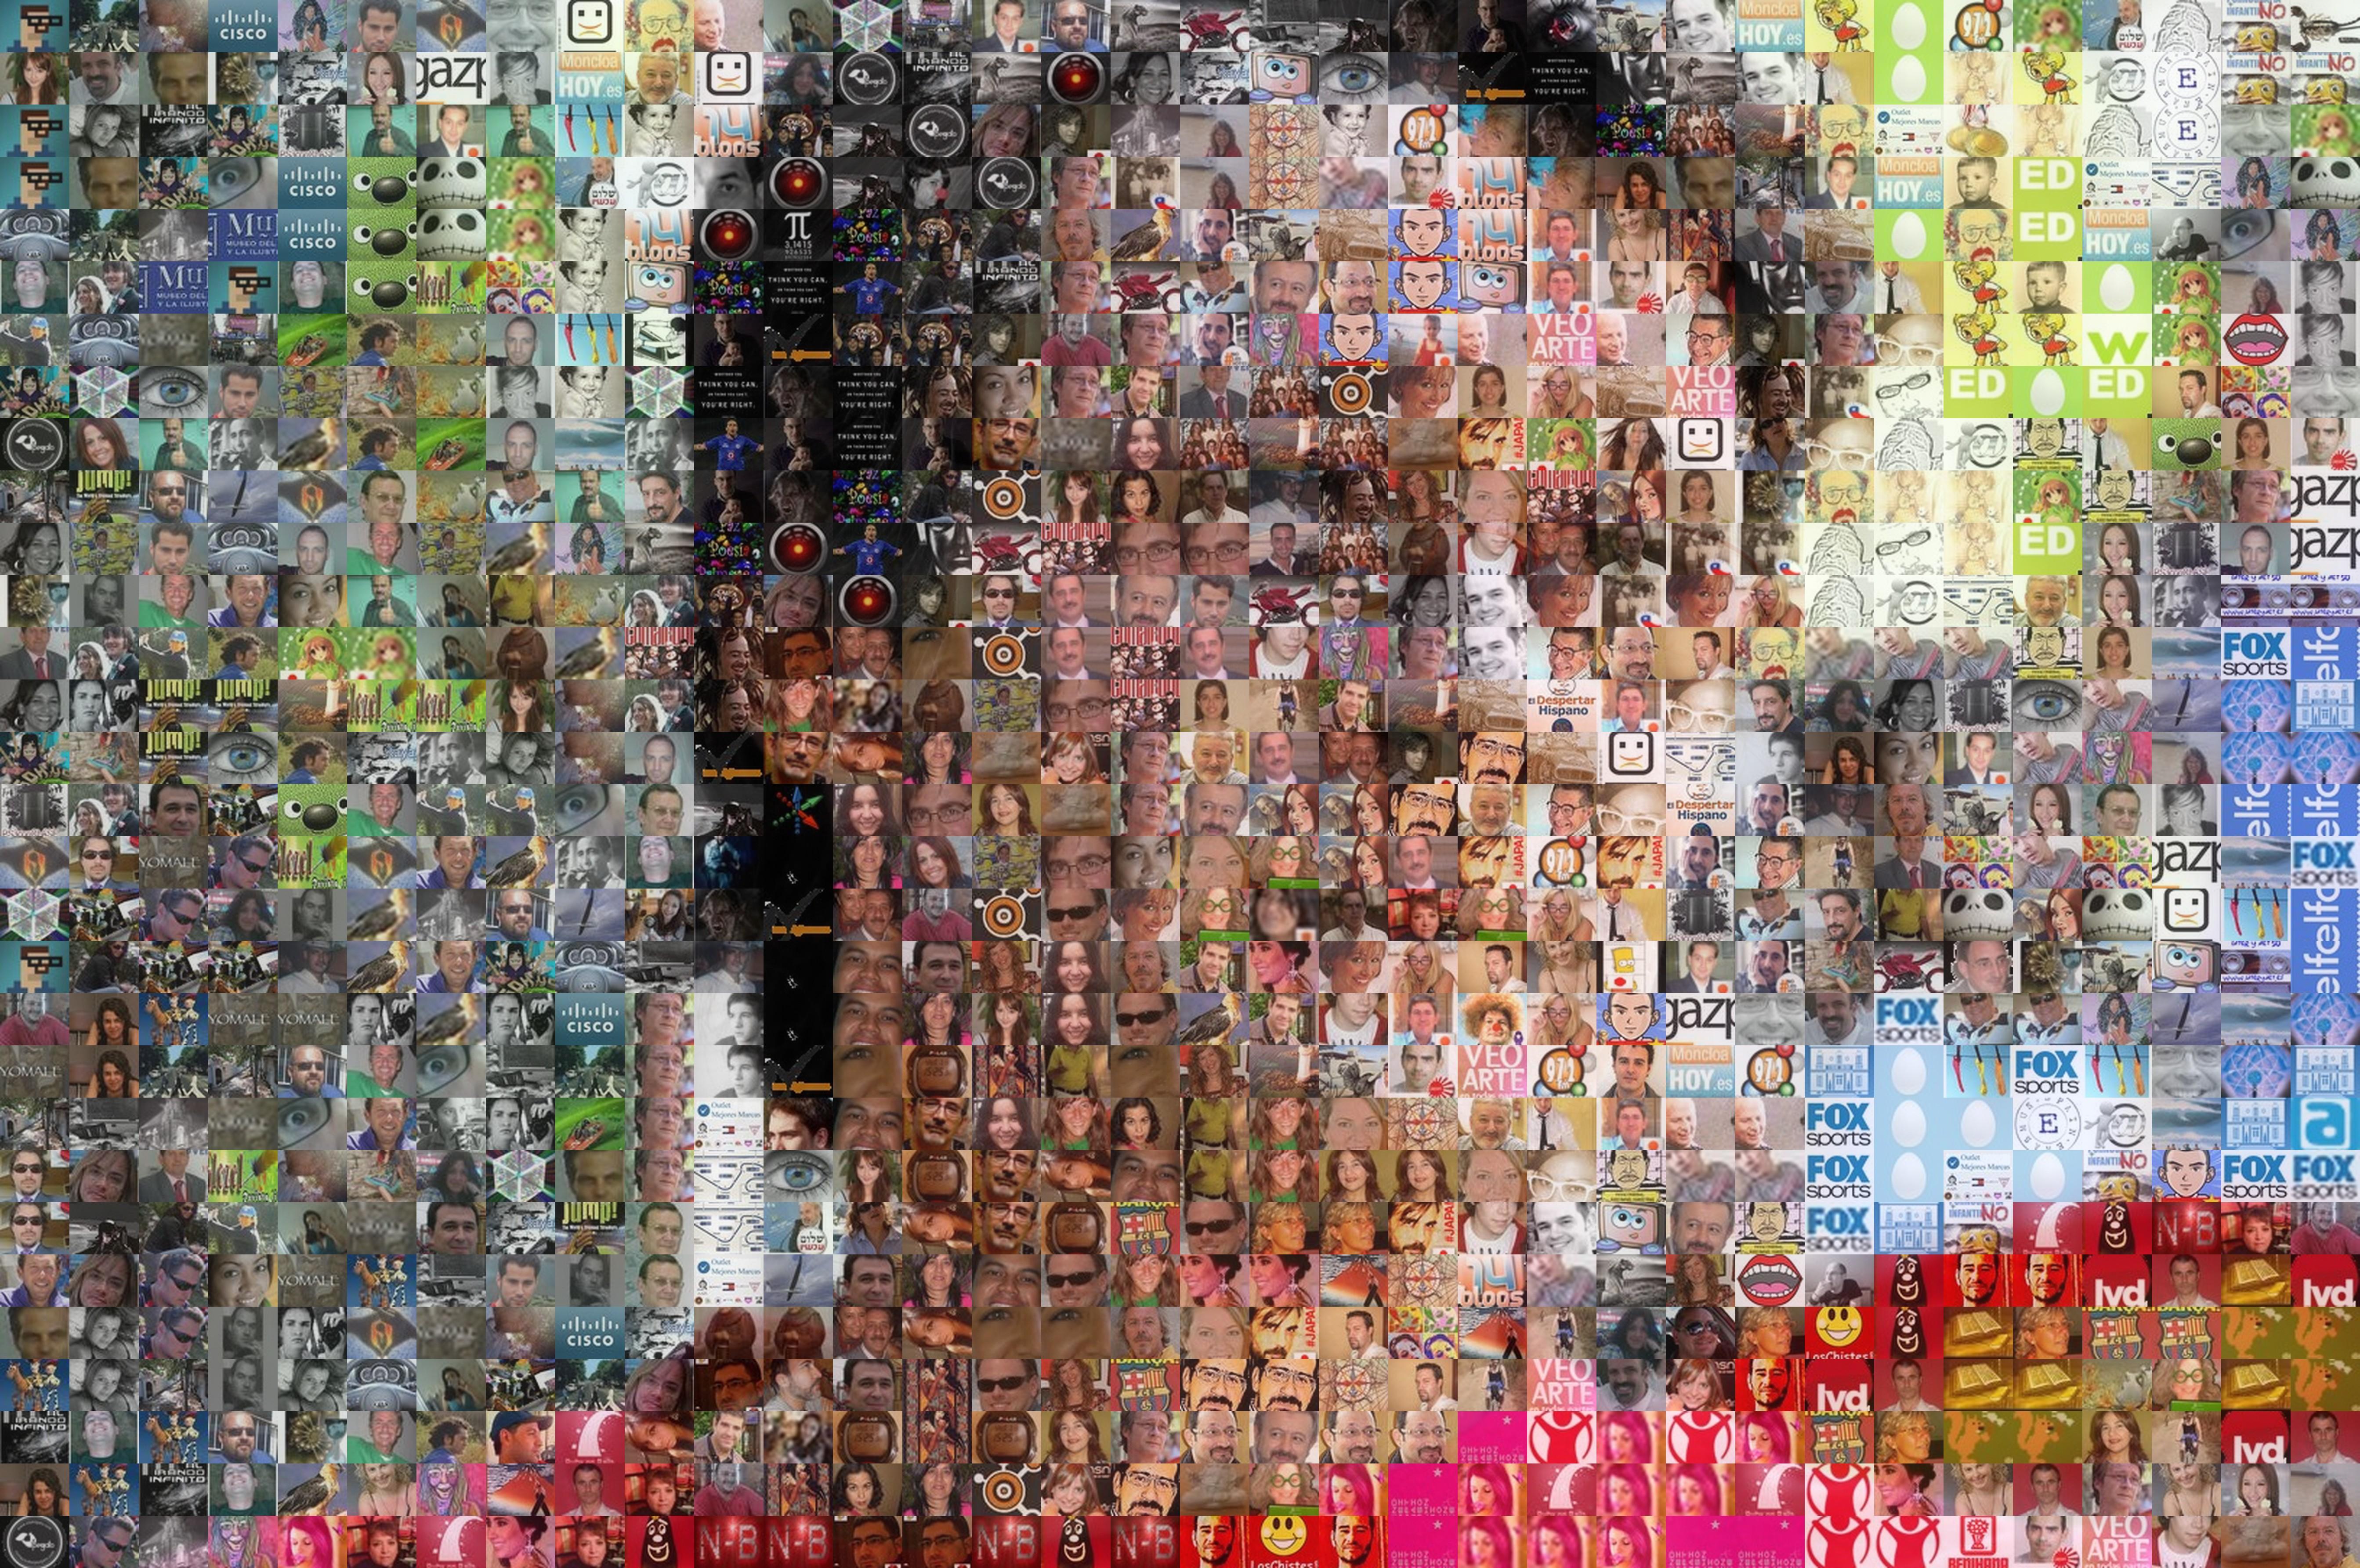 C mo hacer un mosaico de una fotograf a con im genes - Hacer reloj de pared con fotos ...